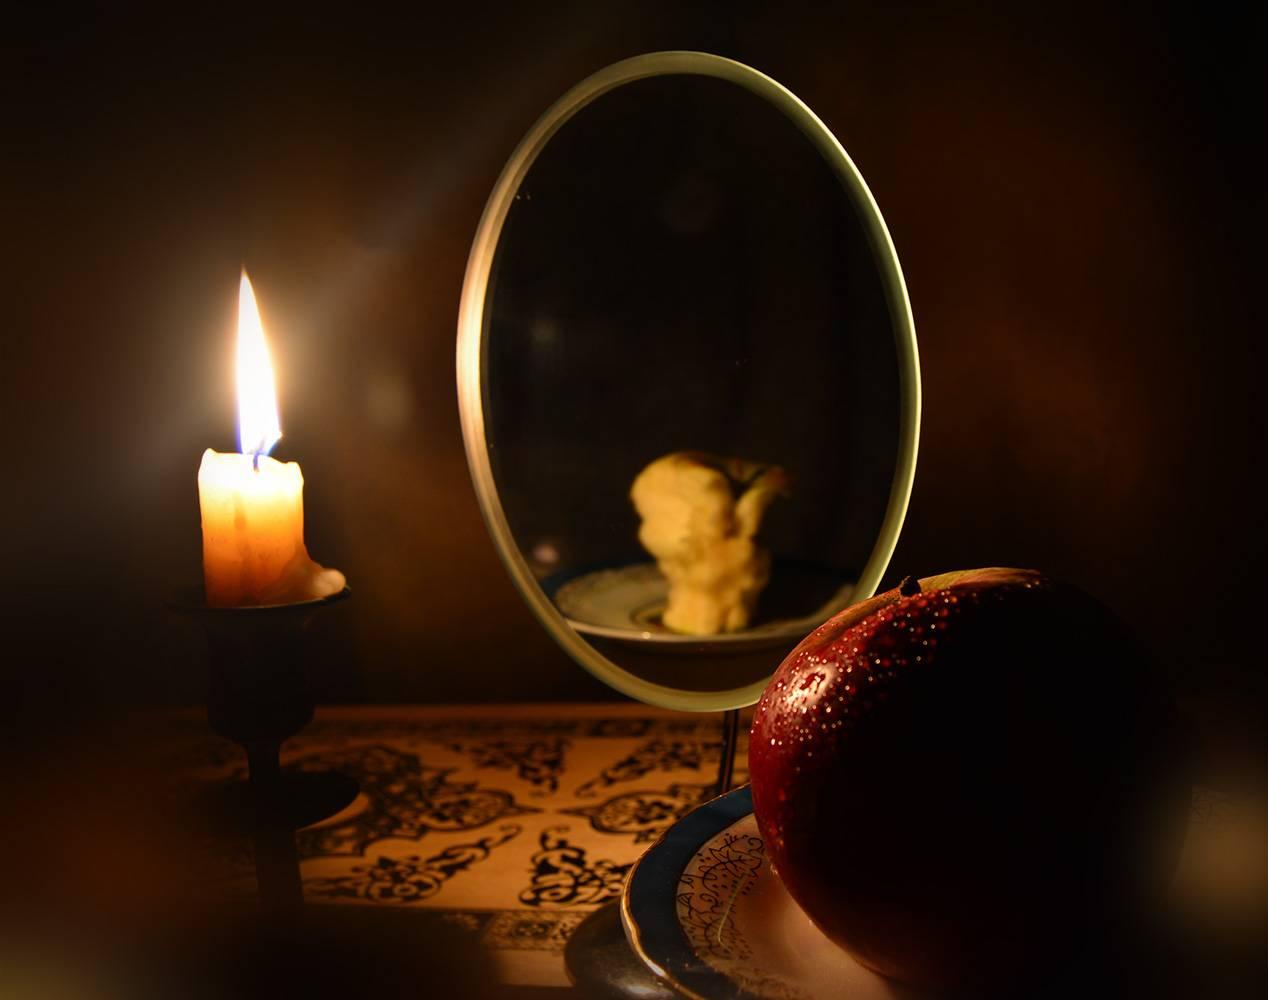 Толкование символов на тени. гадание по теням — тайное станет явным